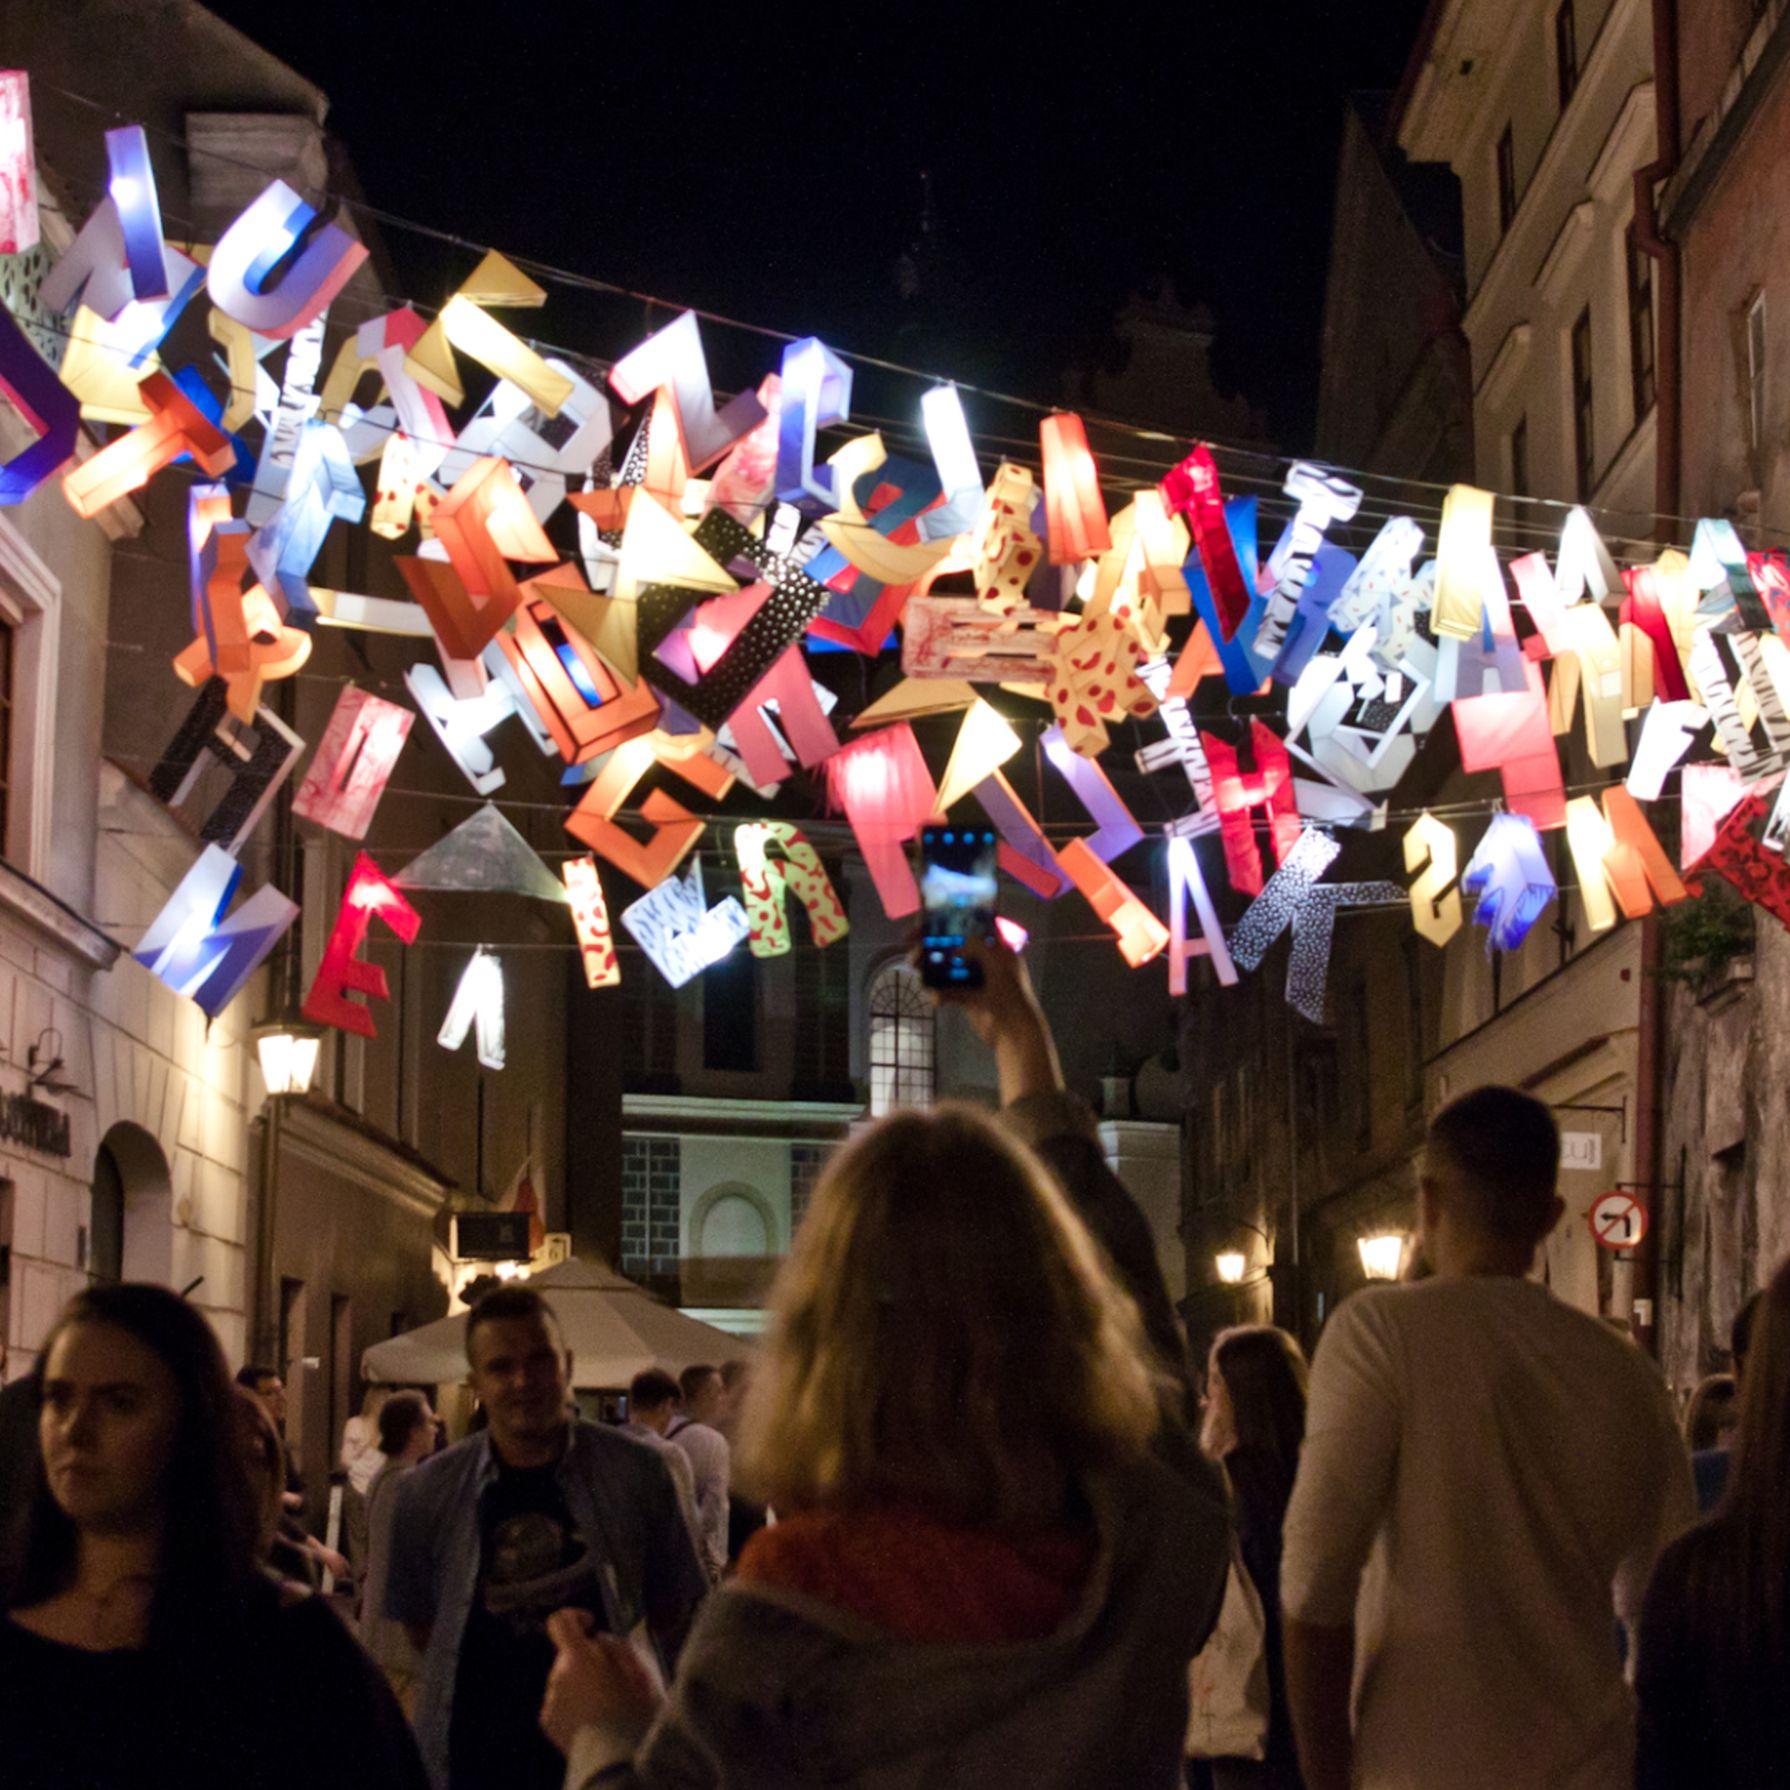 Zdjęcie wykonane podczas Nocy Kultury, noc, ulica Starego Miasta, w dole tłum, pomiędzy kamienicami na wysokości drugiego piętra rozciągnięta instalacja artystyczna. Liny na których powieszone są kolorowe litery - rozsypany alfabet, świecą się.